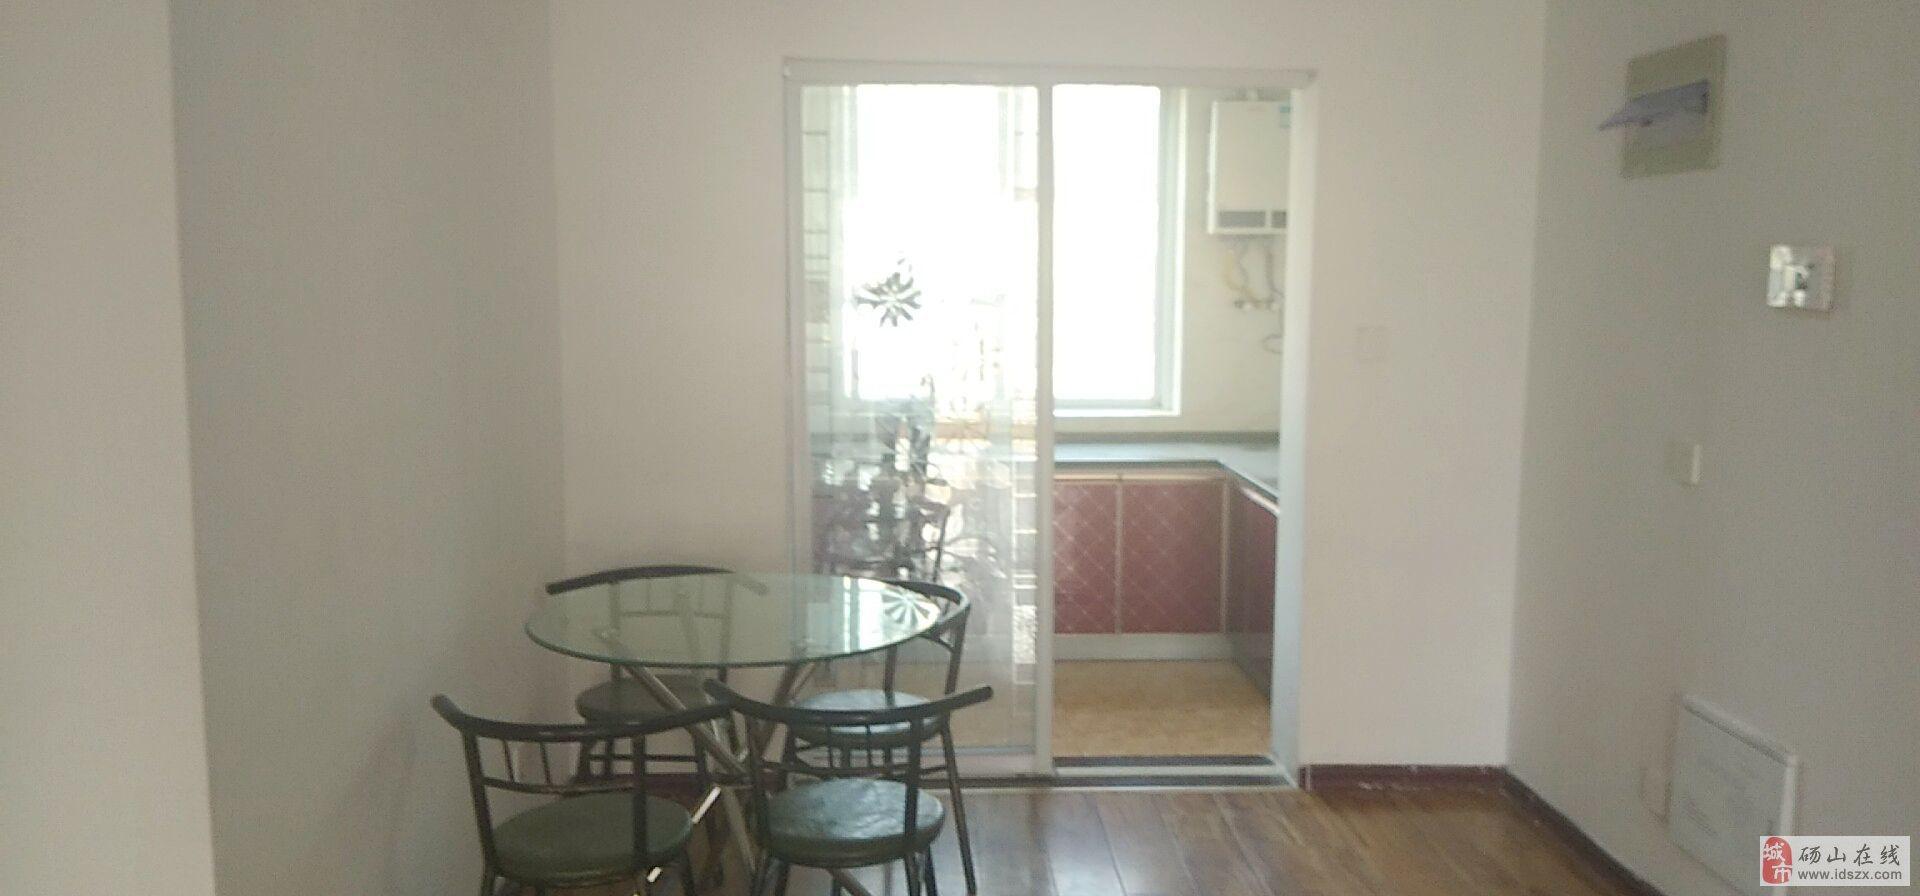 帝景水岸5楼精装2室厨卫齐全休闲花园式环境